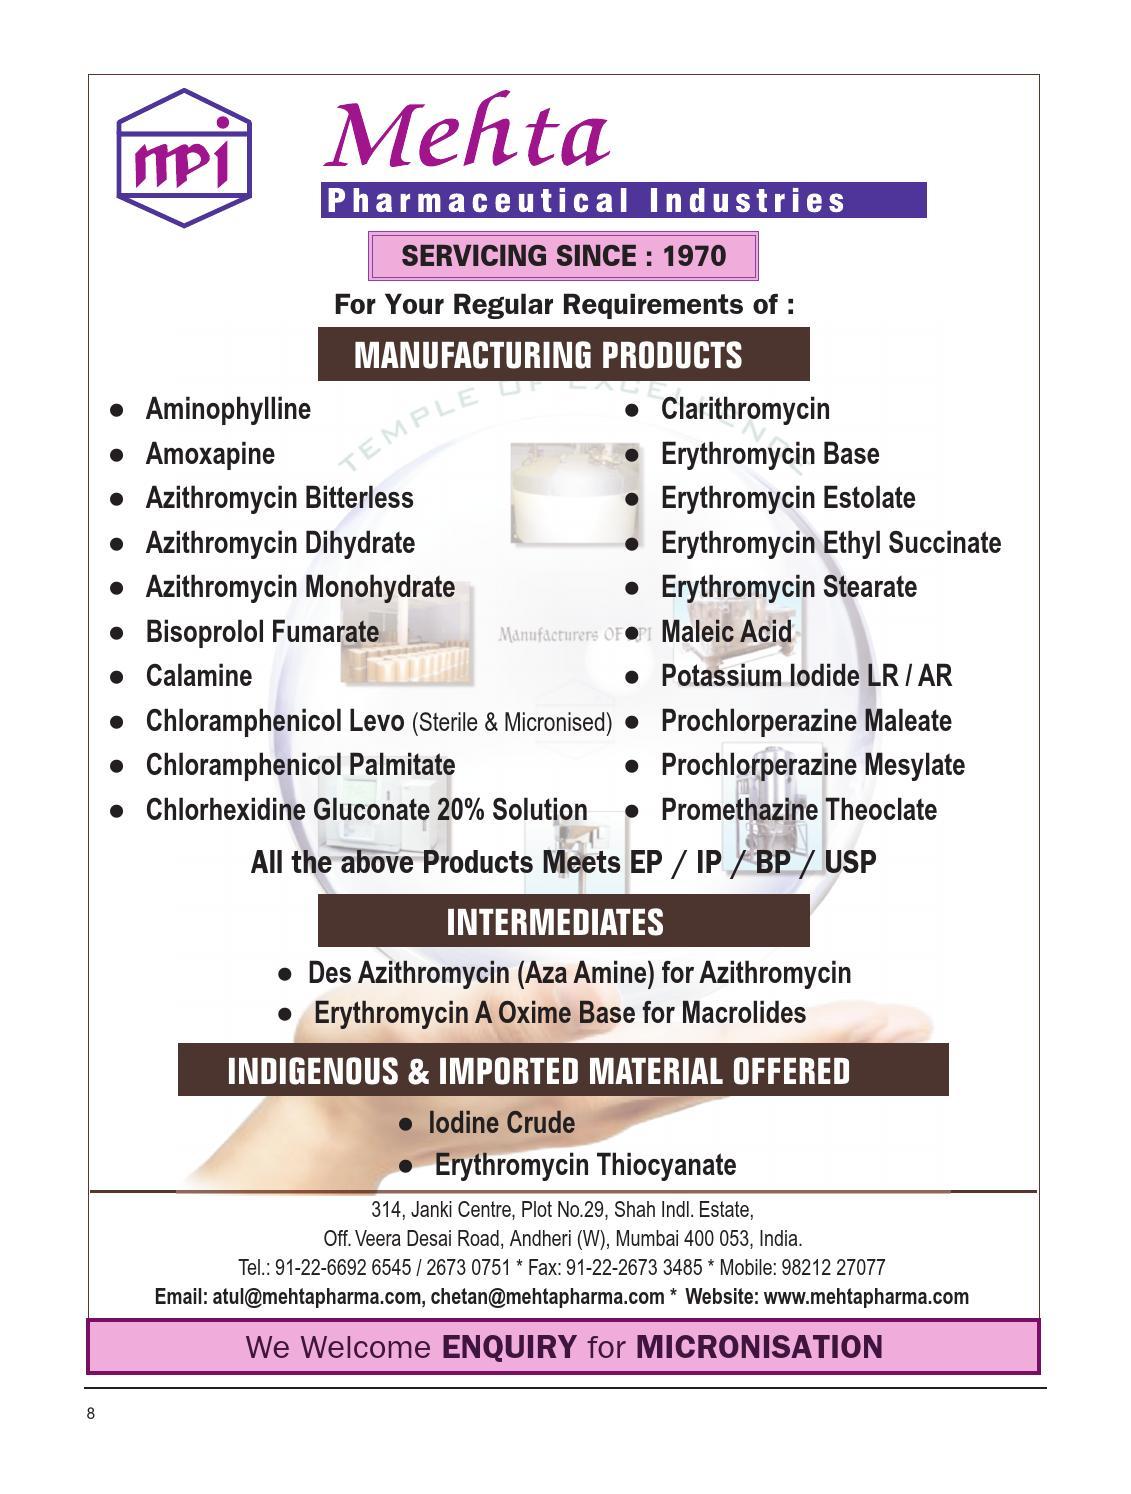 The mazda pharma guide6 april 12 april 2015